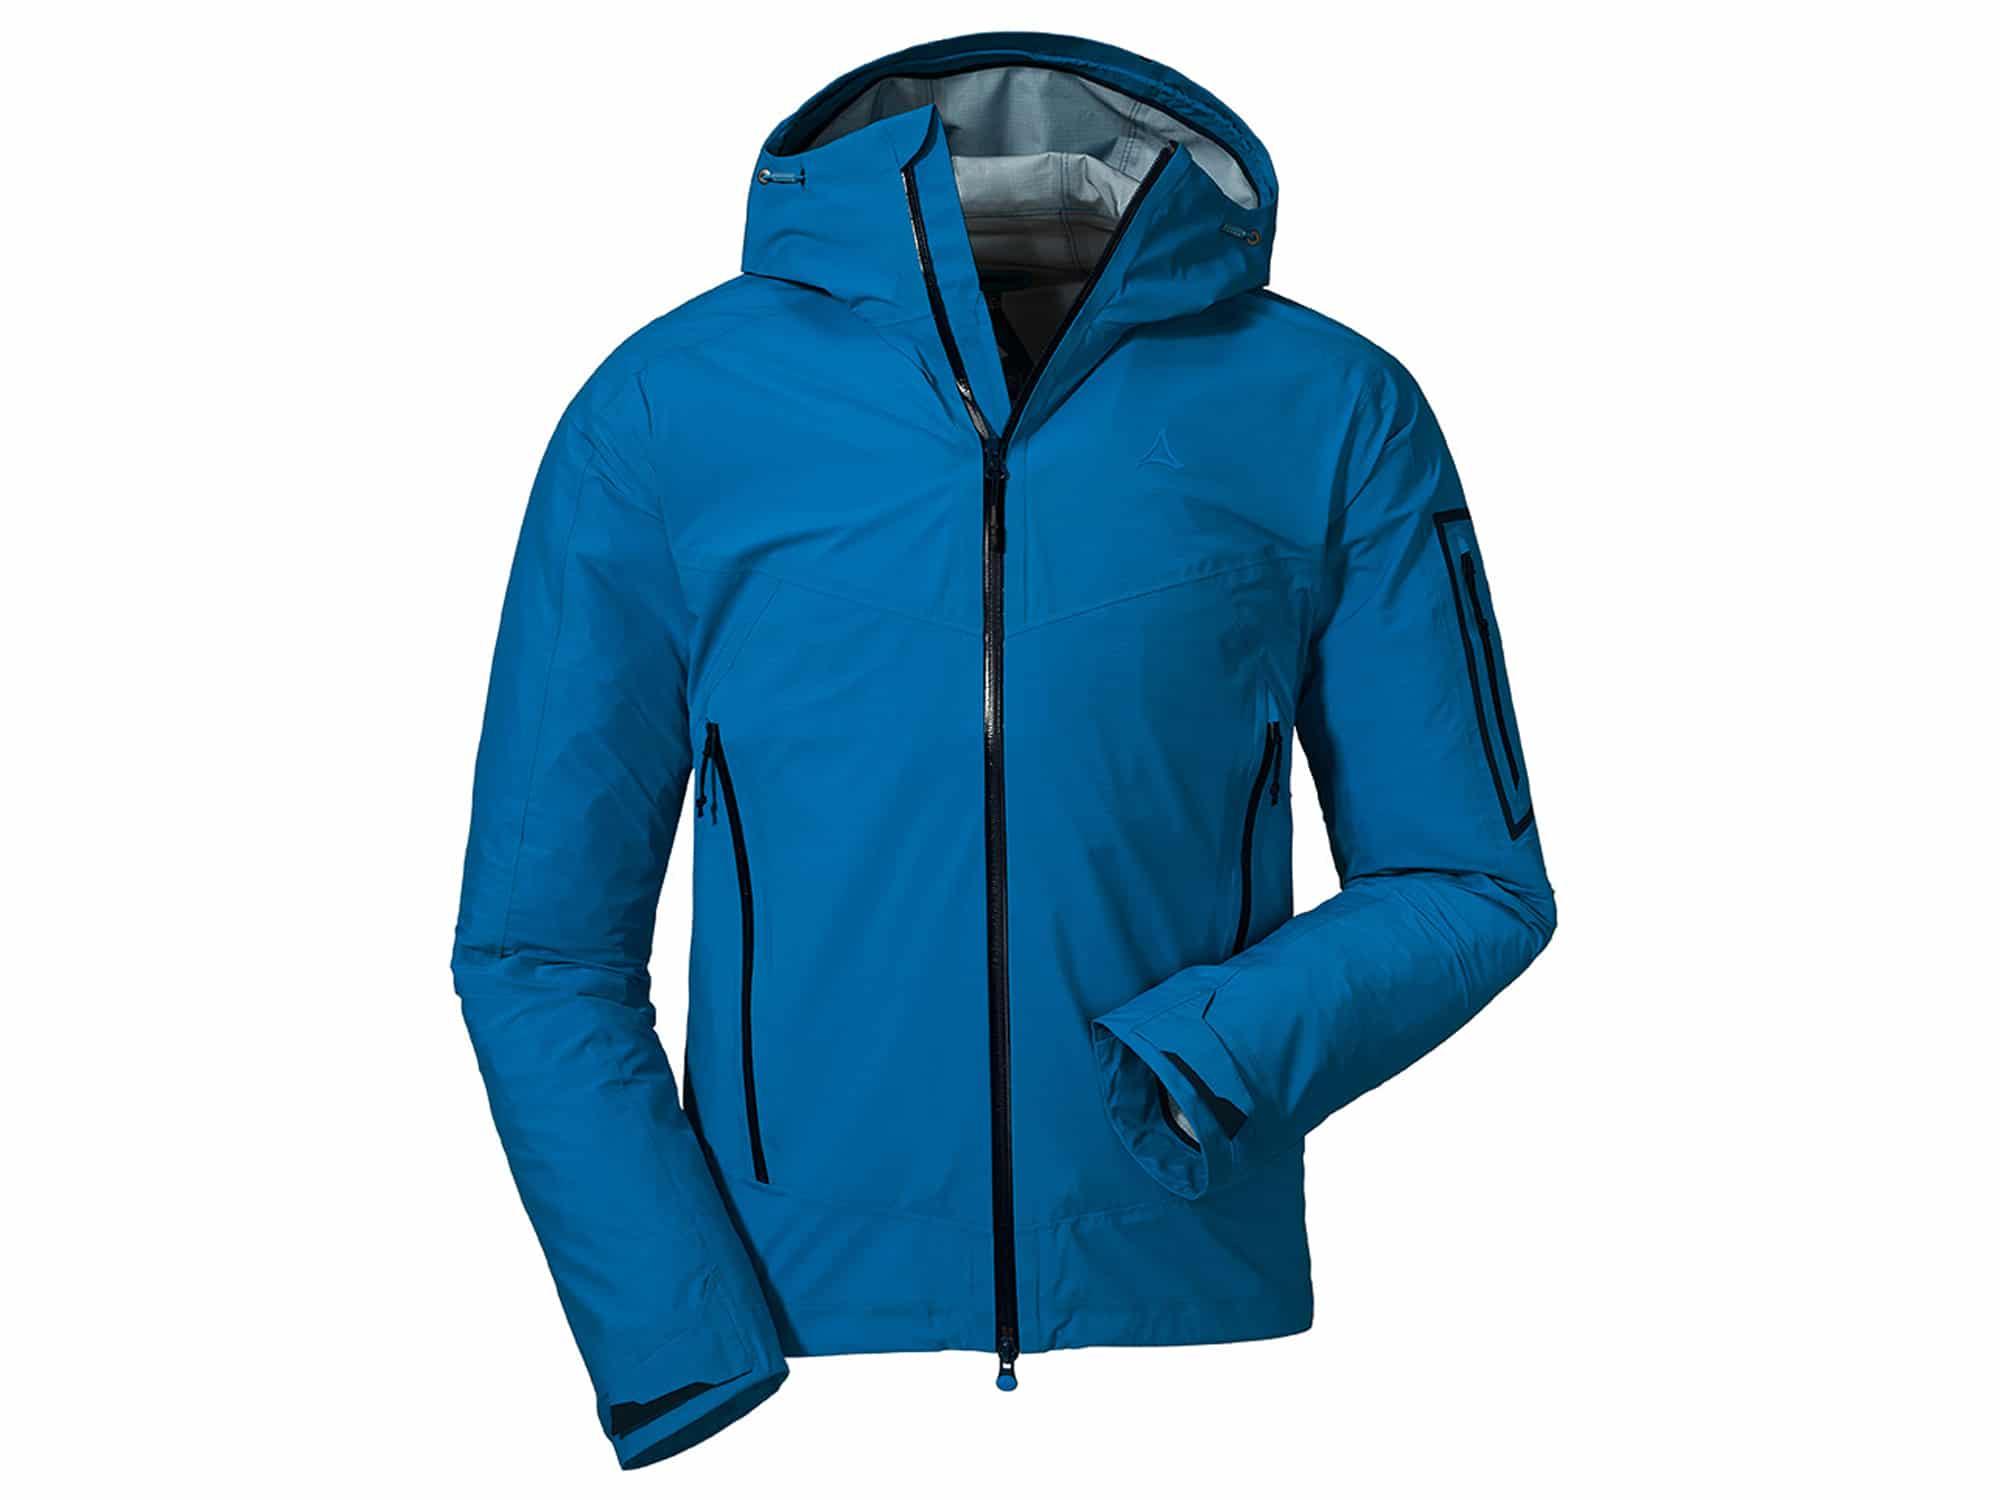 Schöffel 3L Jacket Calgary2 Regenjacke – Betitelt als